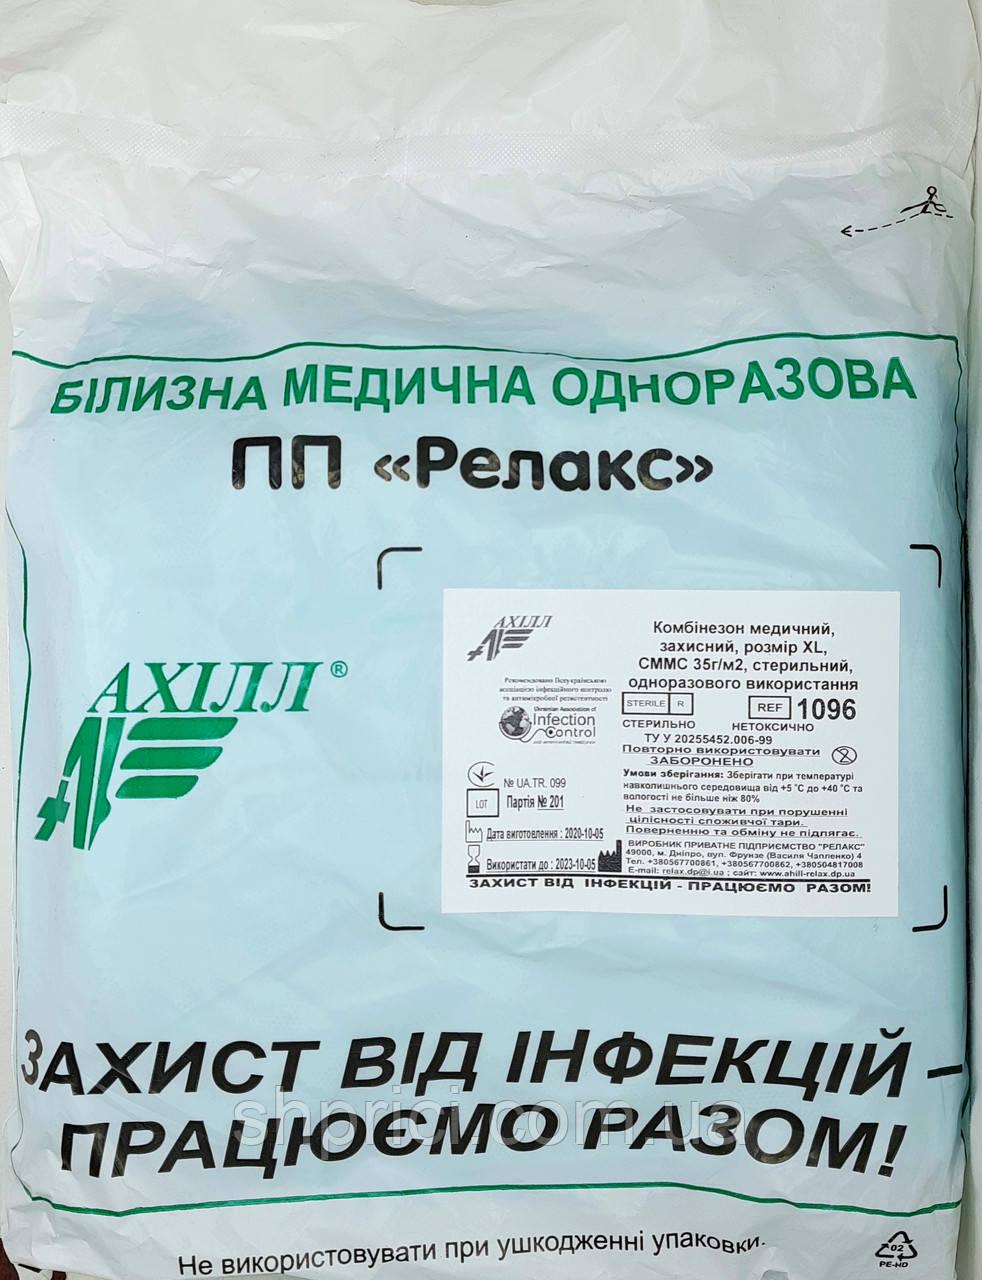 Комбинезон медицинский защитный одноразовый стерильный, р.ХL АХИЛЛ/ Релакс